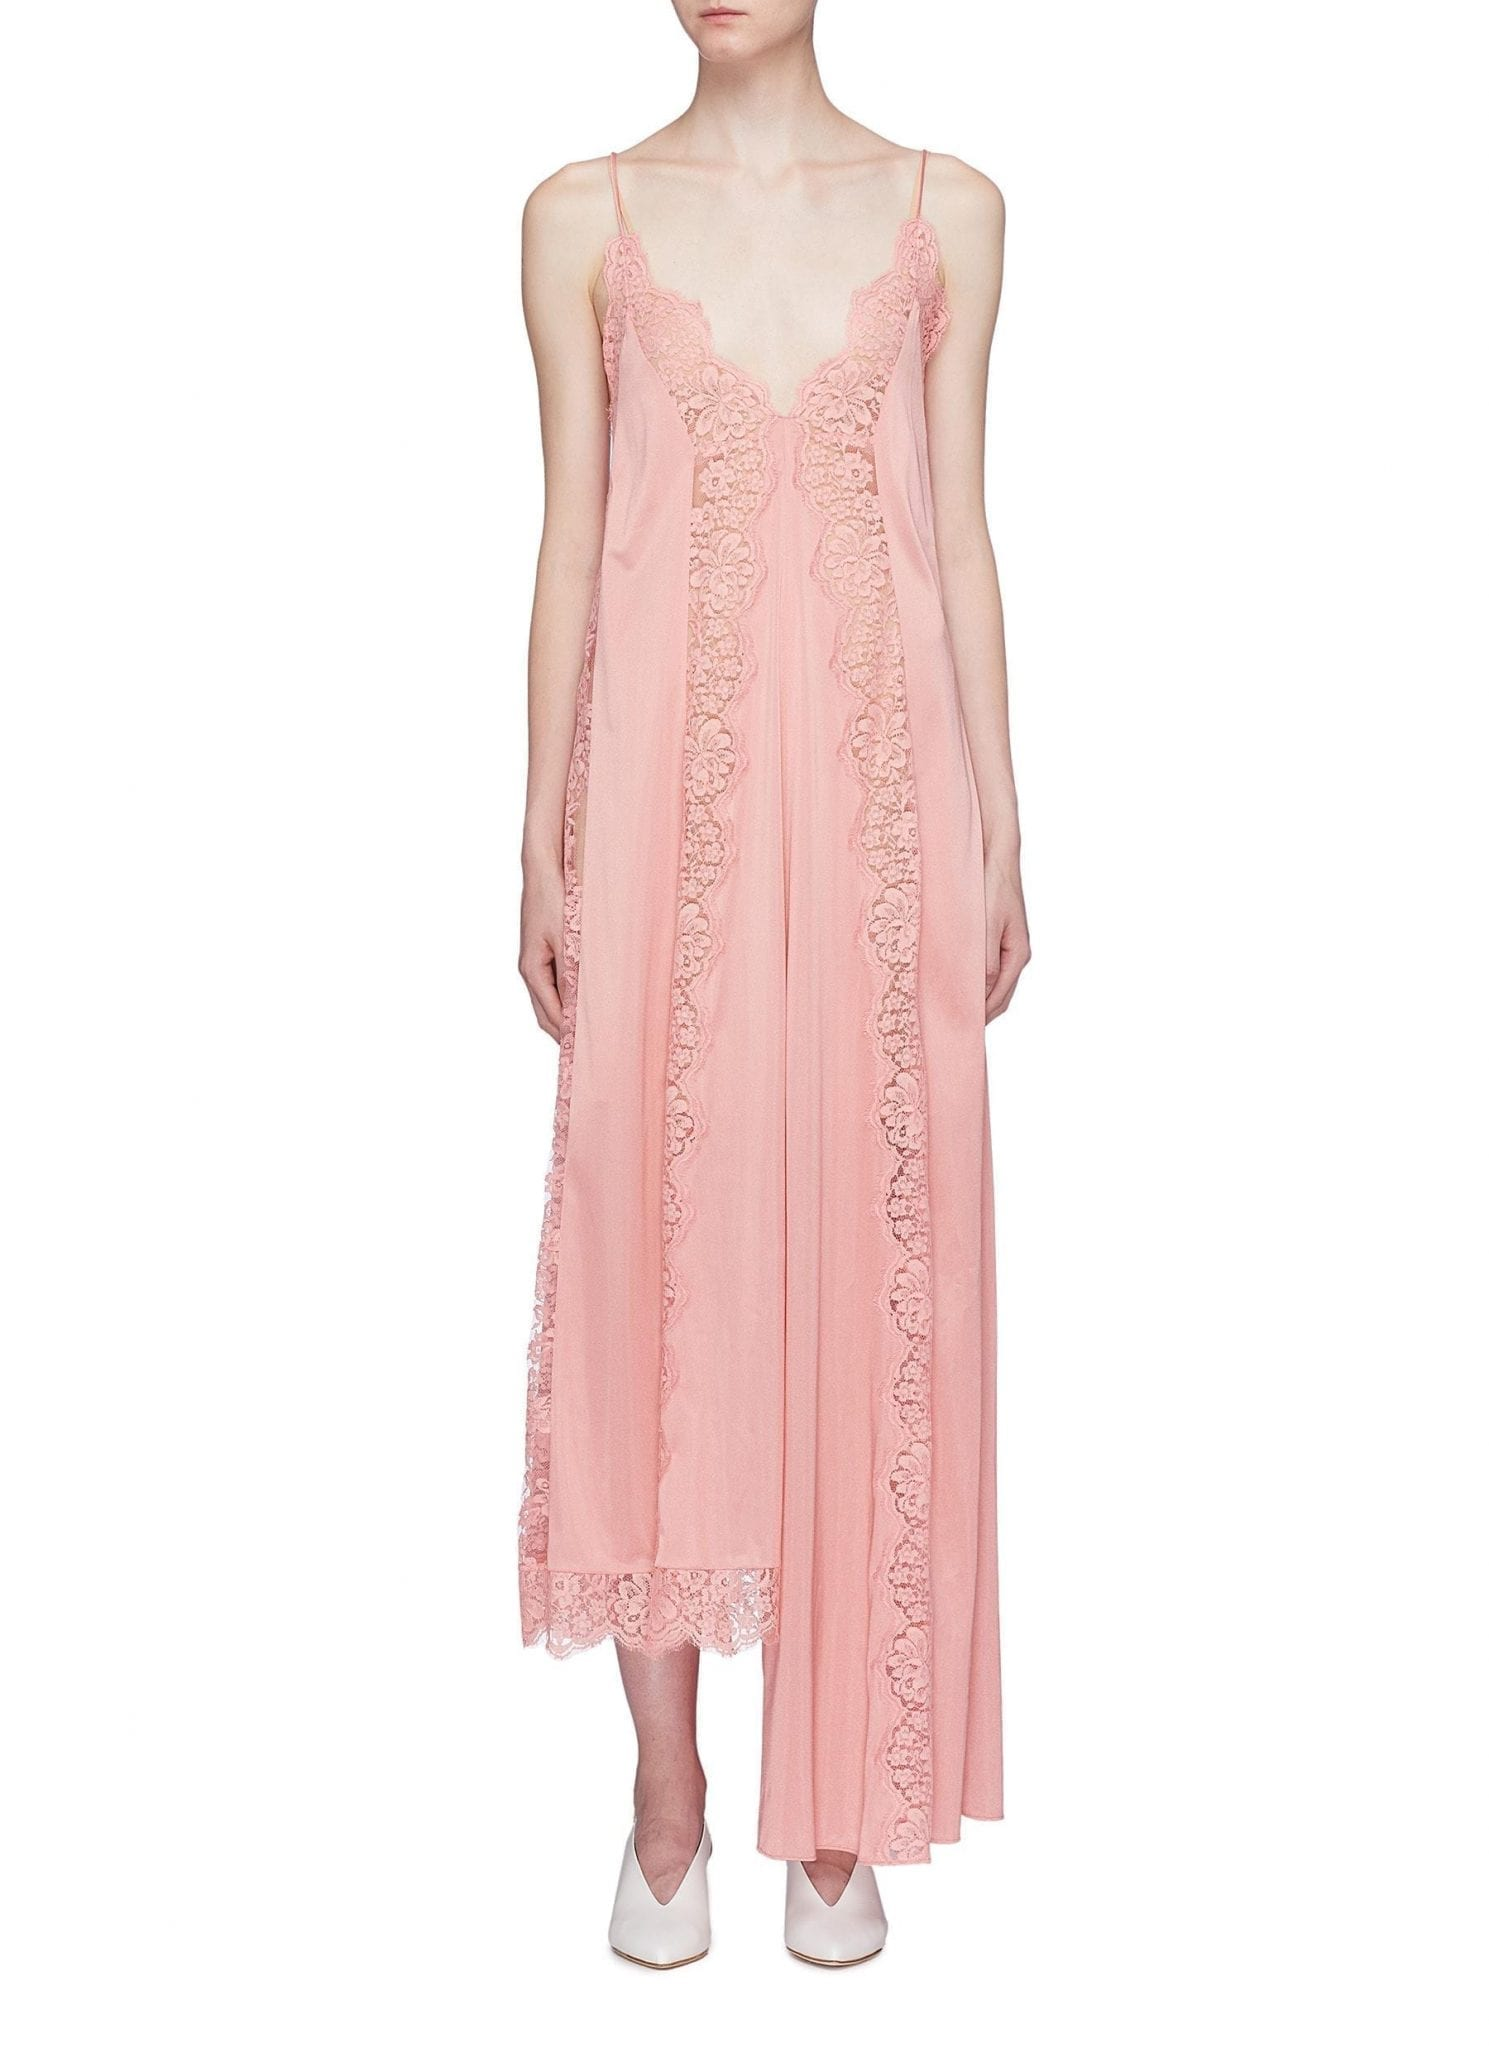 Stella Mccartney Asymmetric Lace Trim Knit Slip Pink Dress